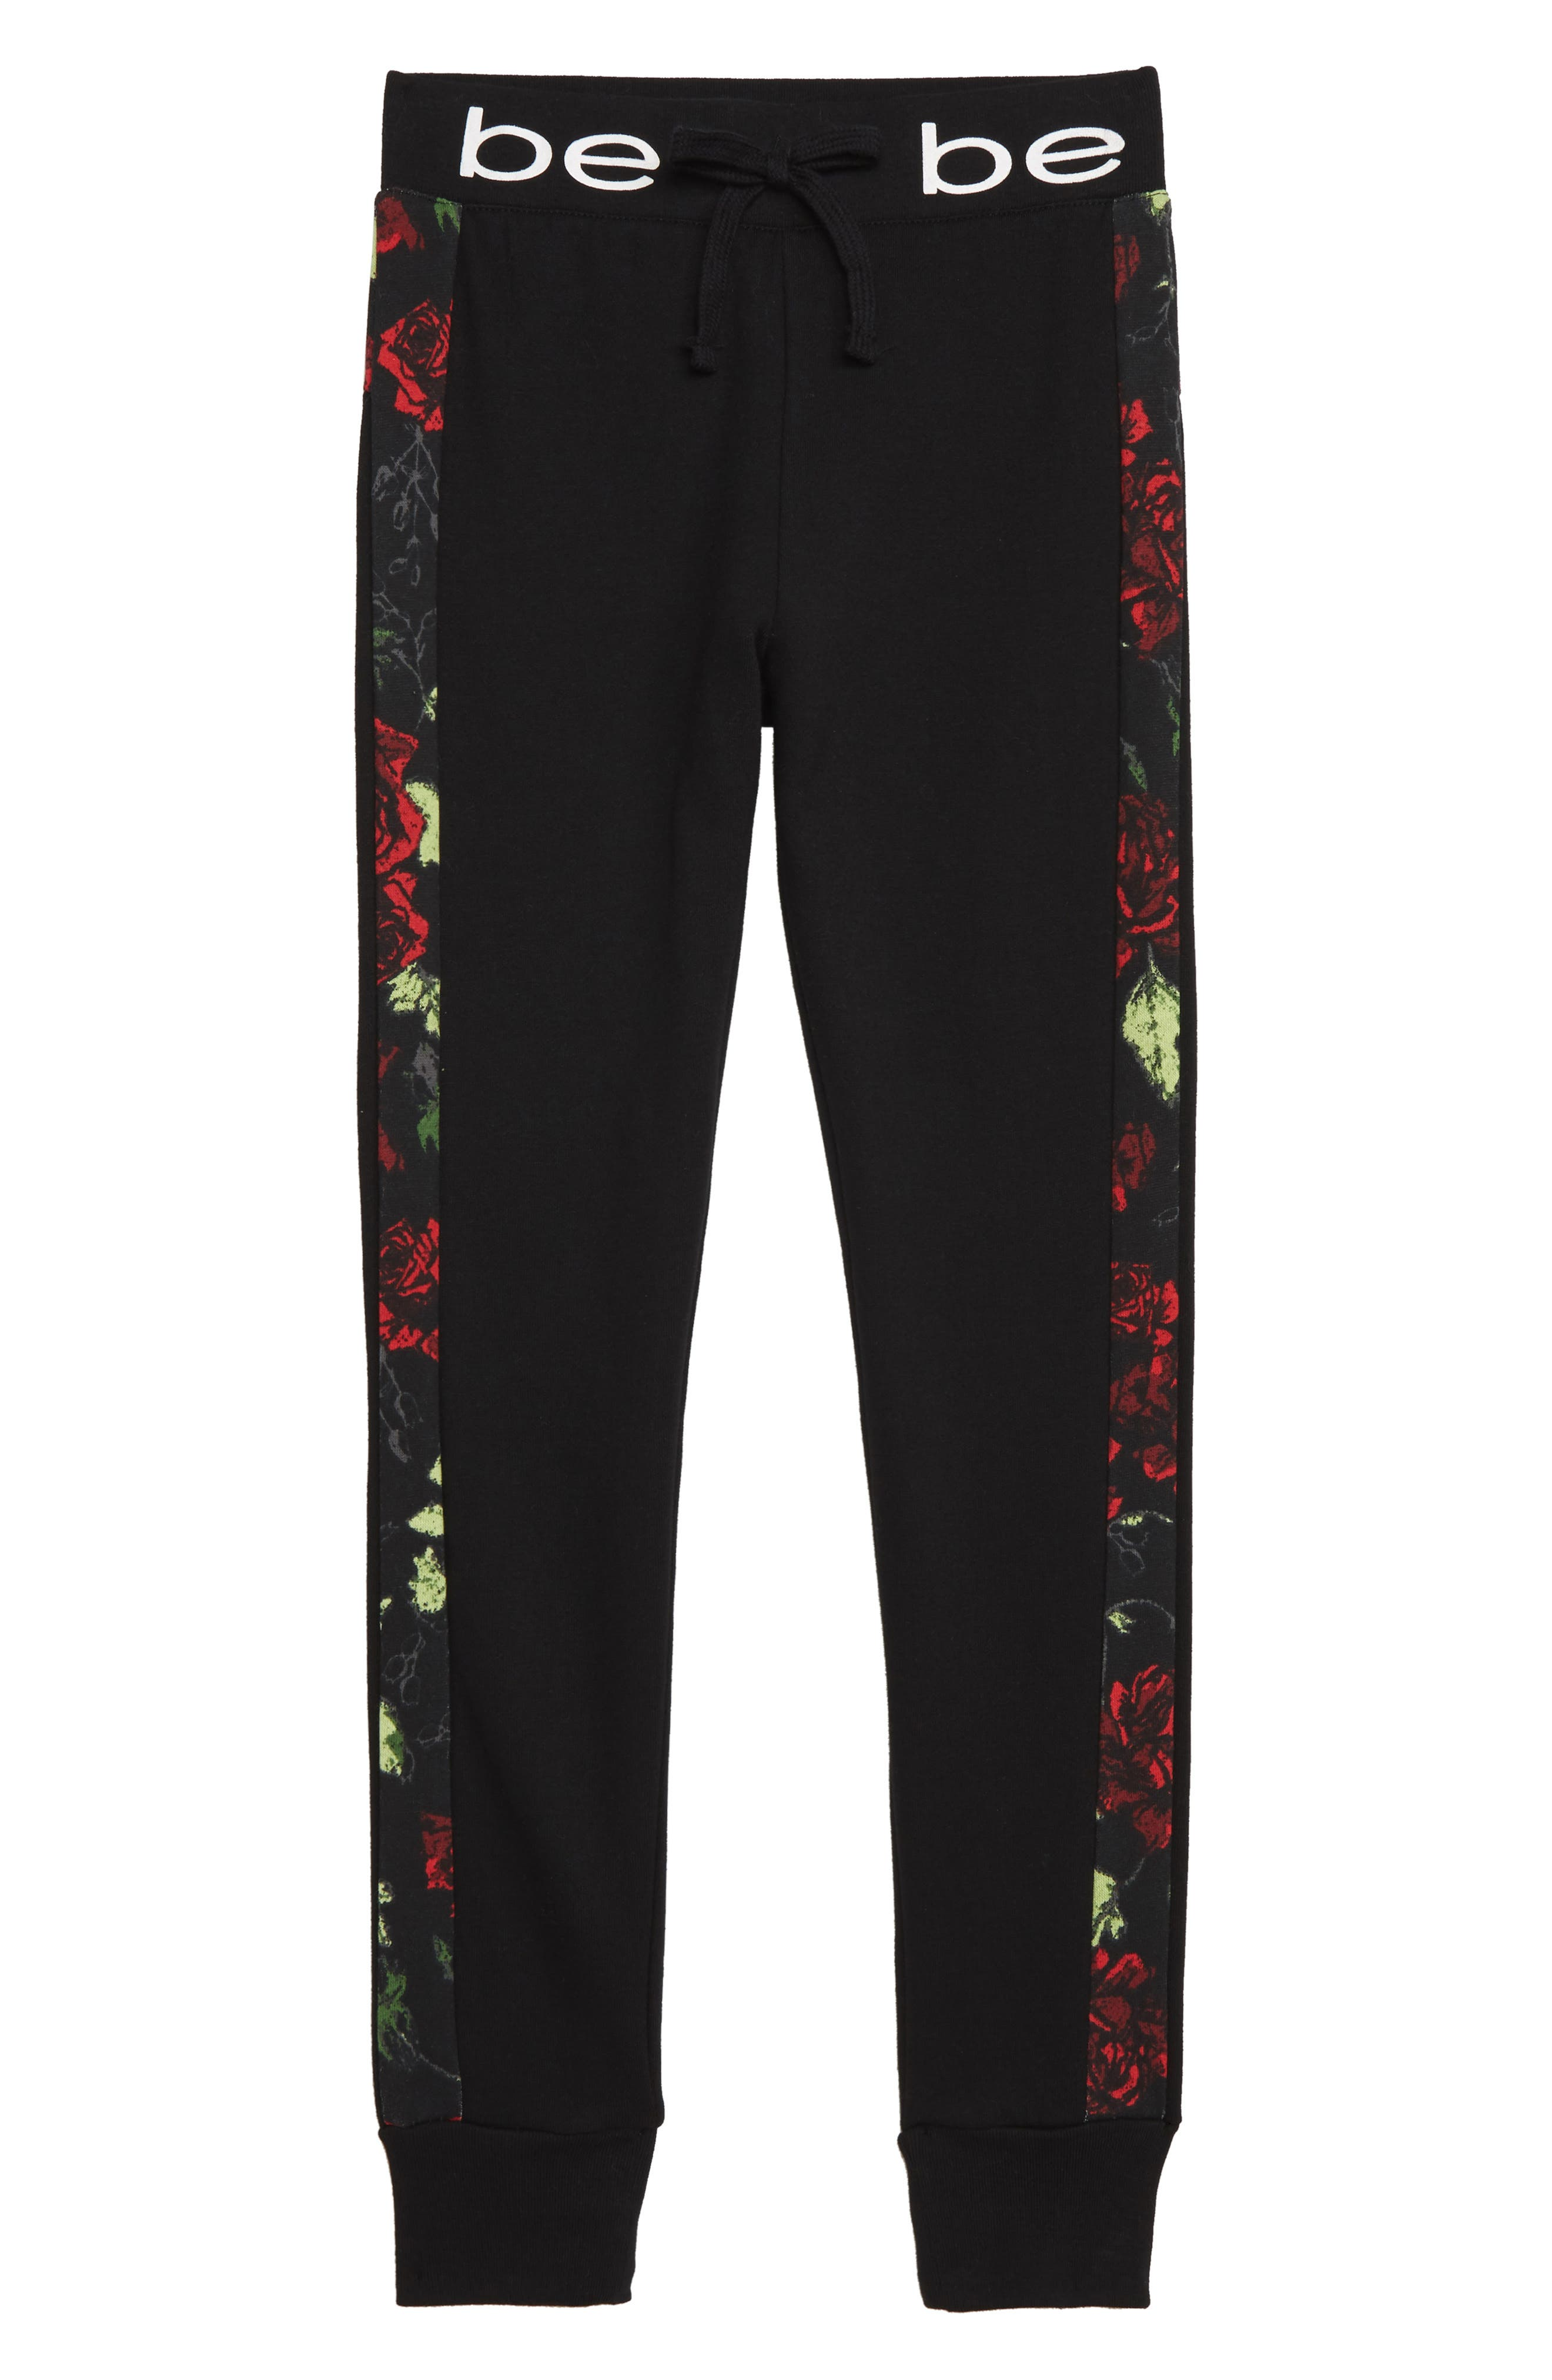 Girls Bebe Fleece Sweatpants